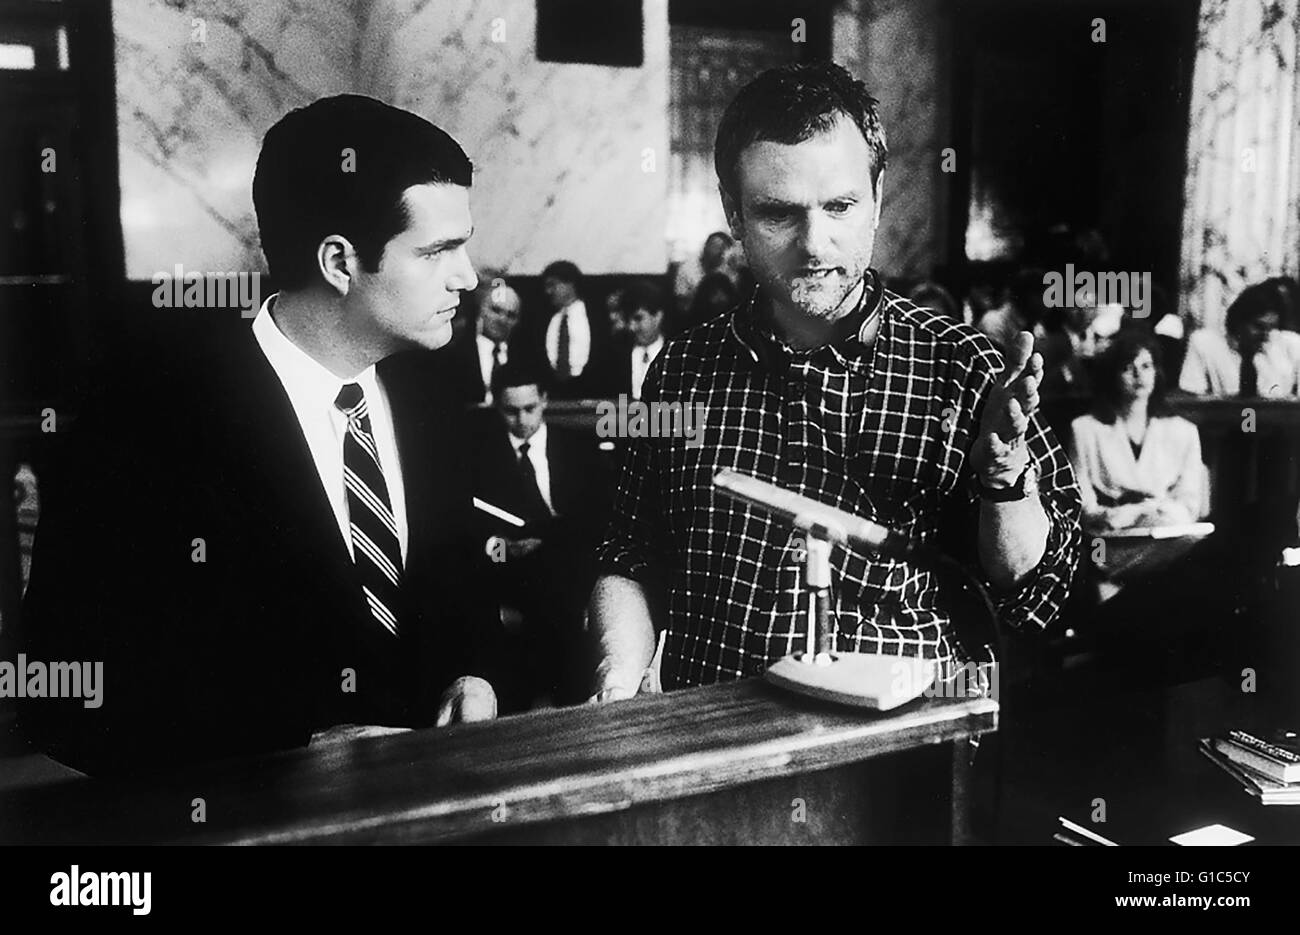 Kammer, Die / Chris O'Donnell / James Foley / Set,James Foley weist Chris O'Donnell in eine Szene von 'Die - Stock Image